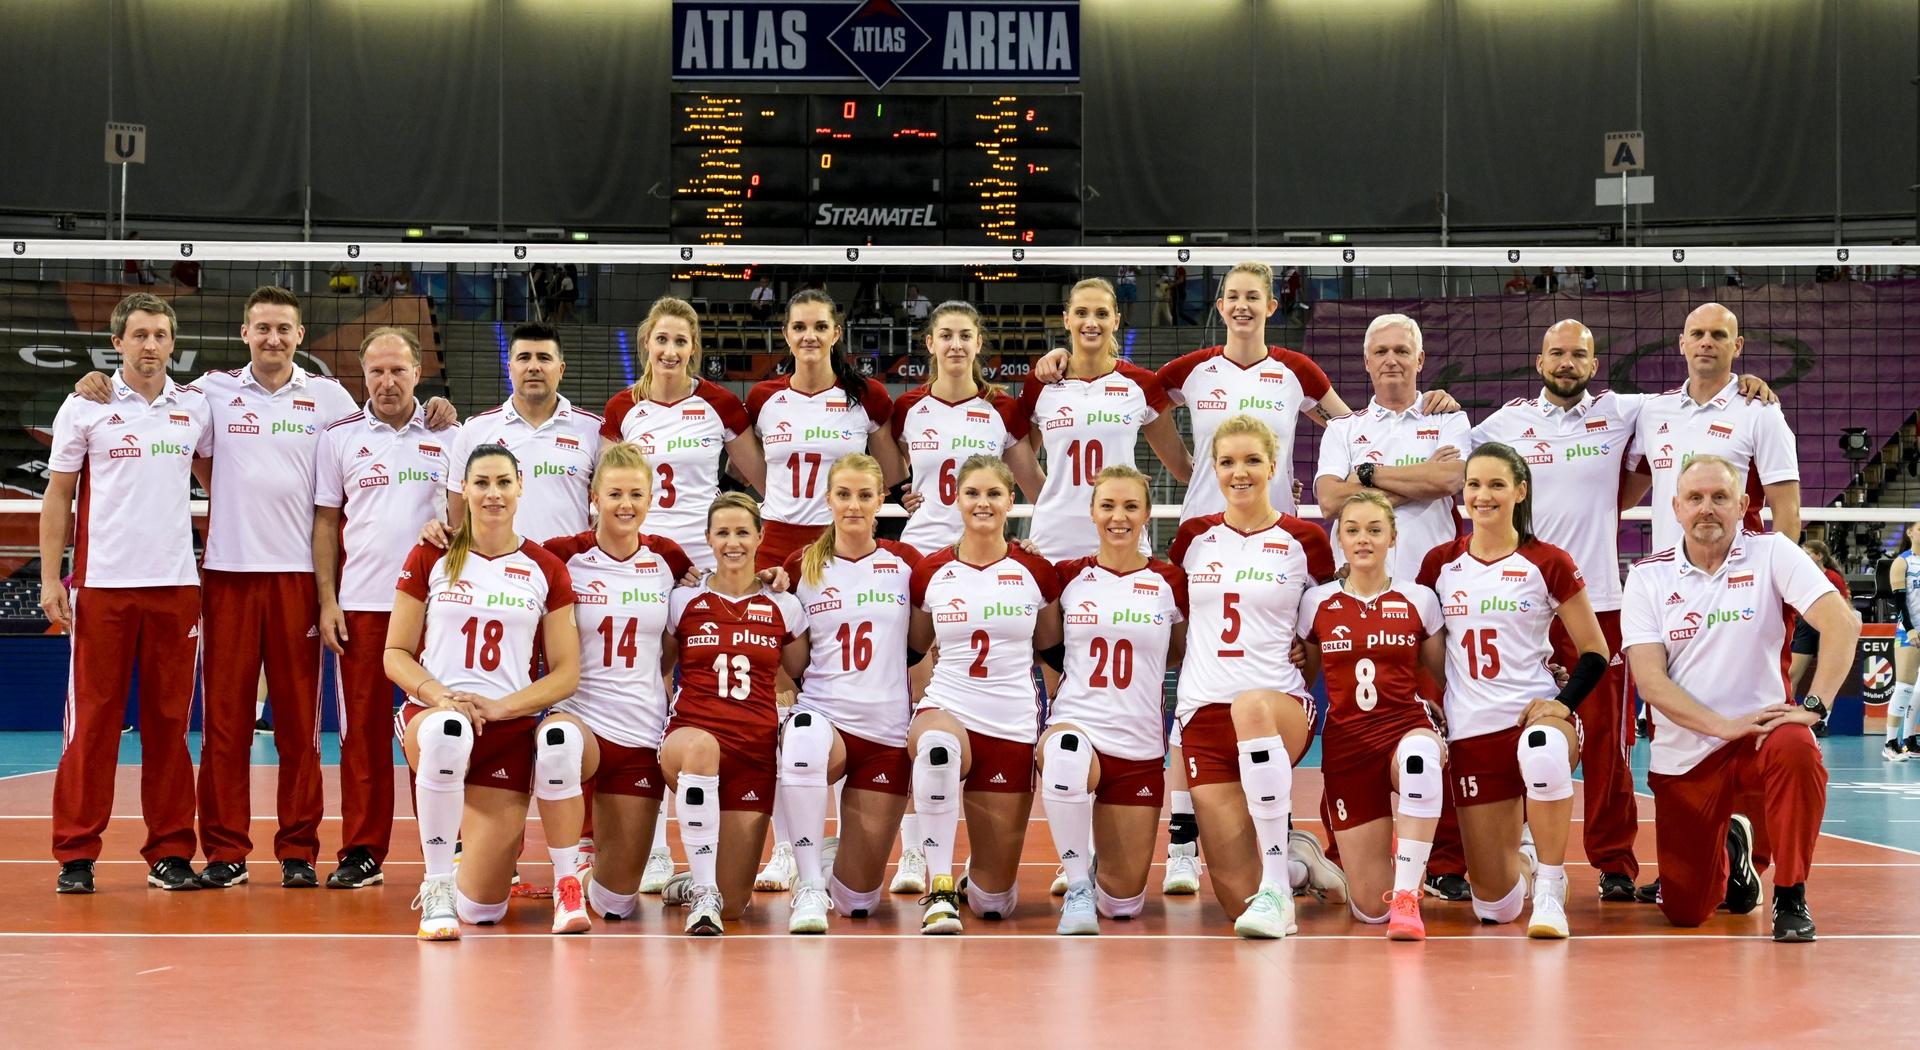 Polskie siatkarki bez medalu na mistrzostwach Europy